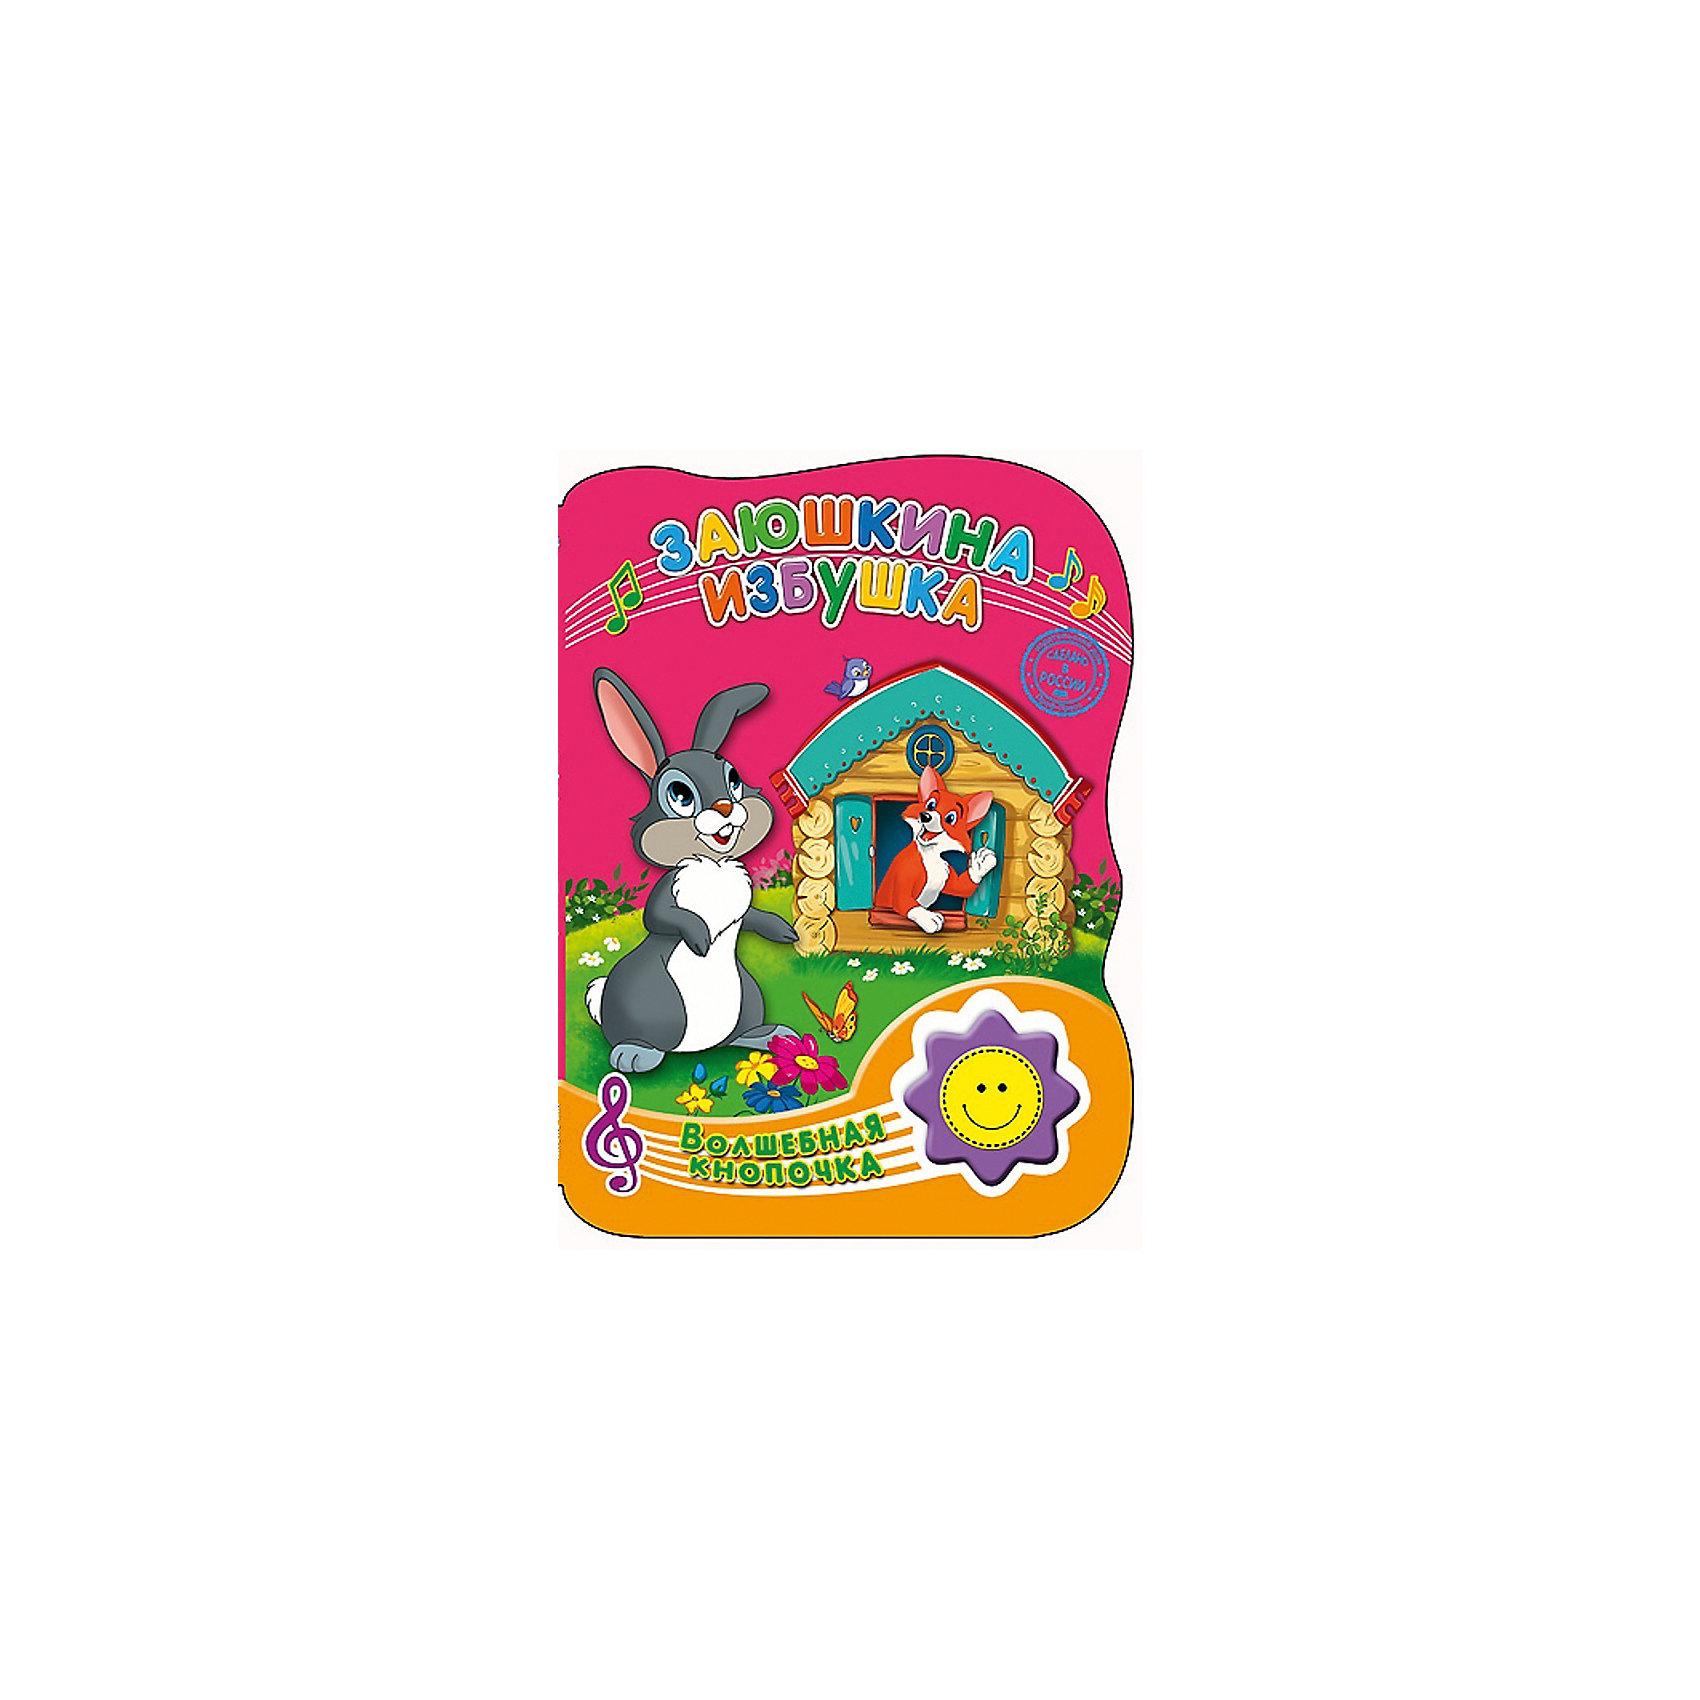 Заюшкина избушка, Волшебная кнопочкаМузыкальные книги<br>Есть сказки, проверенные многими поколениями, которые понравятся и современным детям. Книги - это лучший подарок не только взрослым, они помогают детям познавать мир и учиться читать, также книги позволяют ребенку весело проводить время. Они также стимулируют развитие воображения, логики и творческого мышления.<br>Это издание сделано специально для самых маленьких - с плотными страничками и звуковым модулем, который будет сопровождать сказку песенками и музыкой. Яркие картинки обязательно понравятся малышам! Книга сделана из качественных и безопасных для детей материалов.<br>  <br>Дополнительная информация:<br><br>страниц: 8; <br>размер: 212x155x25 мм;<br>вес: 200 г.<br><br>Книгу со звуковым модулем Волшебная кнопочка. Заюшкина избушка от издательства Проф-Пресс можно купить в нашем магазине.<br><br>Ширина мм: 155<br>Глубина мм: 20<br>Высота мм: 210<br>Вес г: 200<br>Возраст от месяцев: 0<br>Возраст до месяцев: 60<br>Пол: Унисекс<br>Возраст: Детский<br>SKU: 4787240